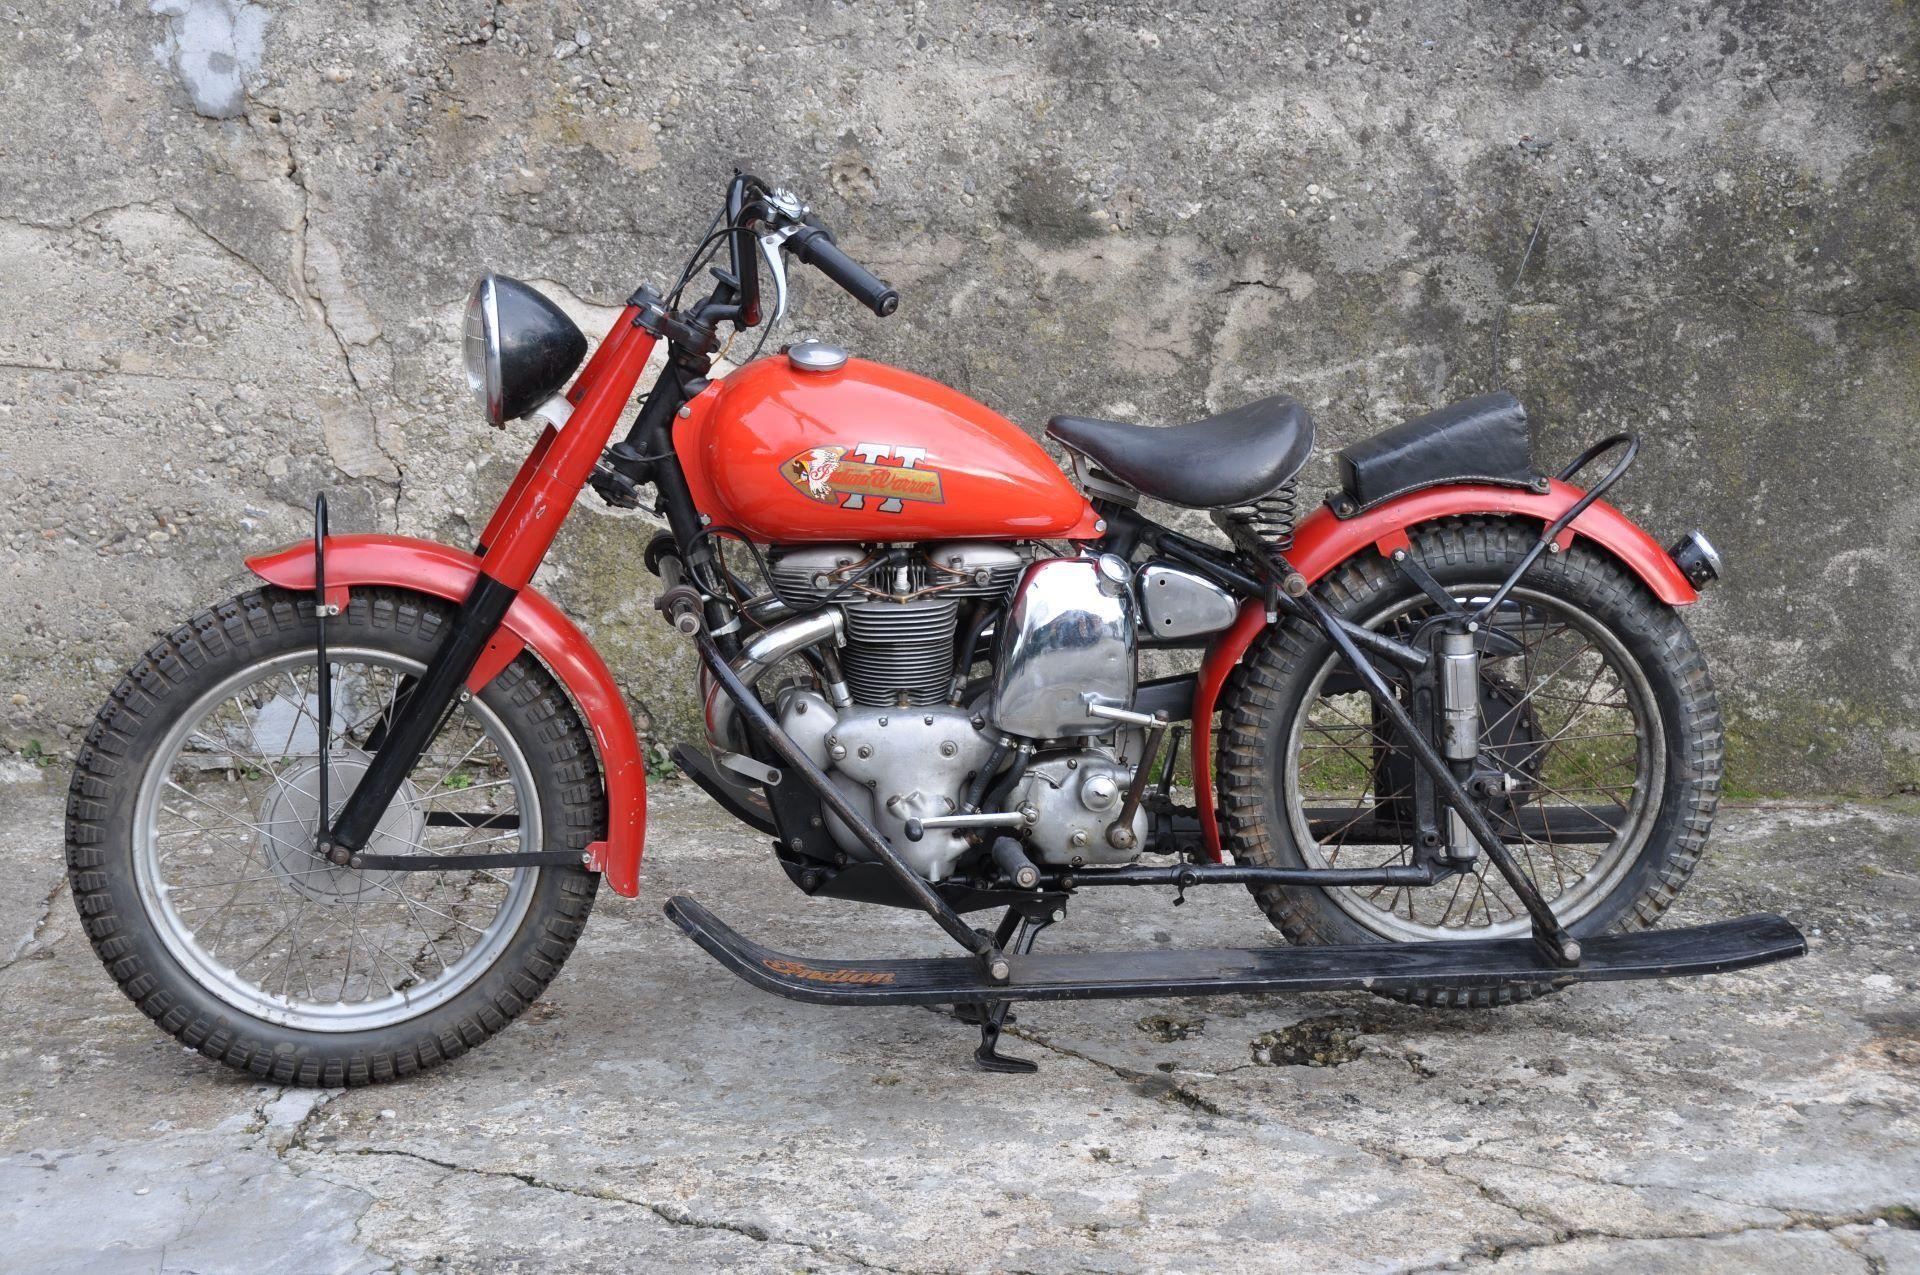 motorrad oldtimer kaufen indian warrior tt l chinger classic motors ag nieder nz. Black Bedroom Furniture Sets. Home Design Ideas